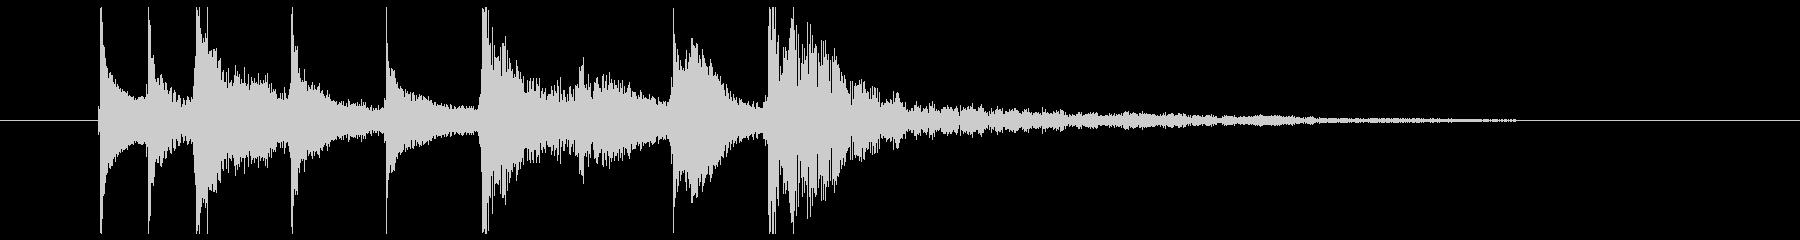 サウンドロゴ、ジングル#7の未再生の波形